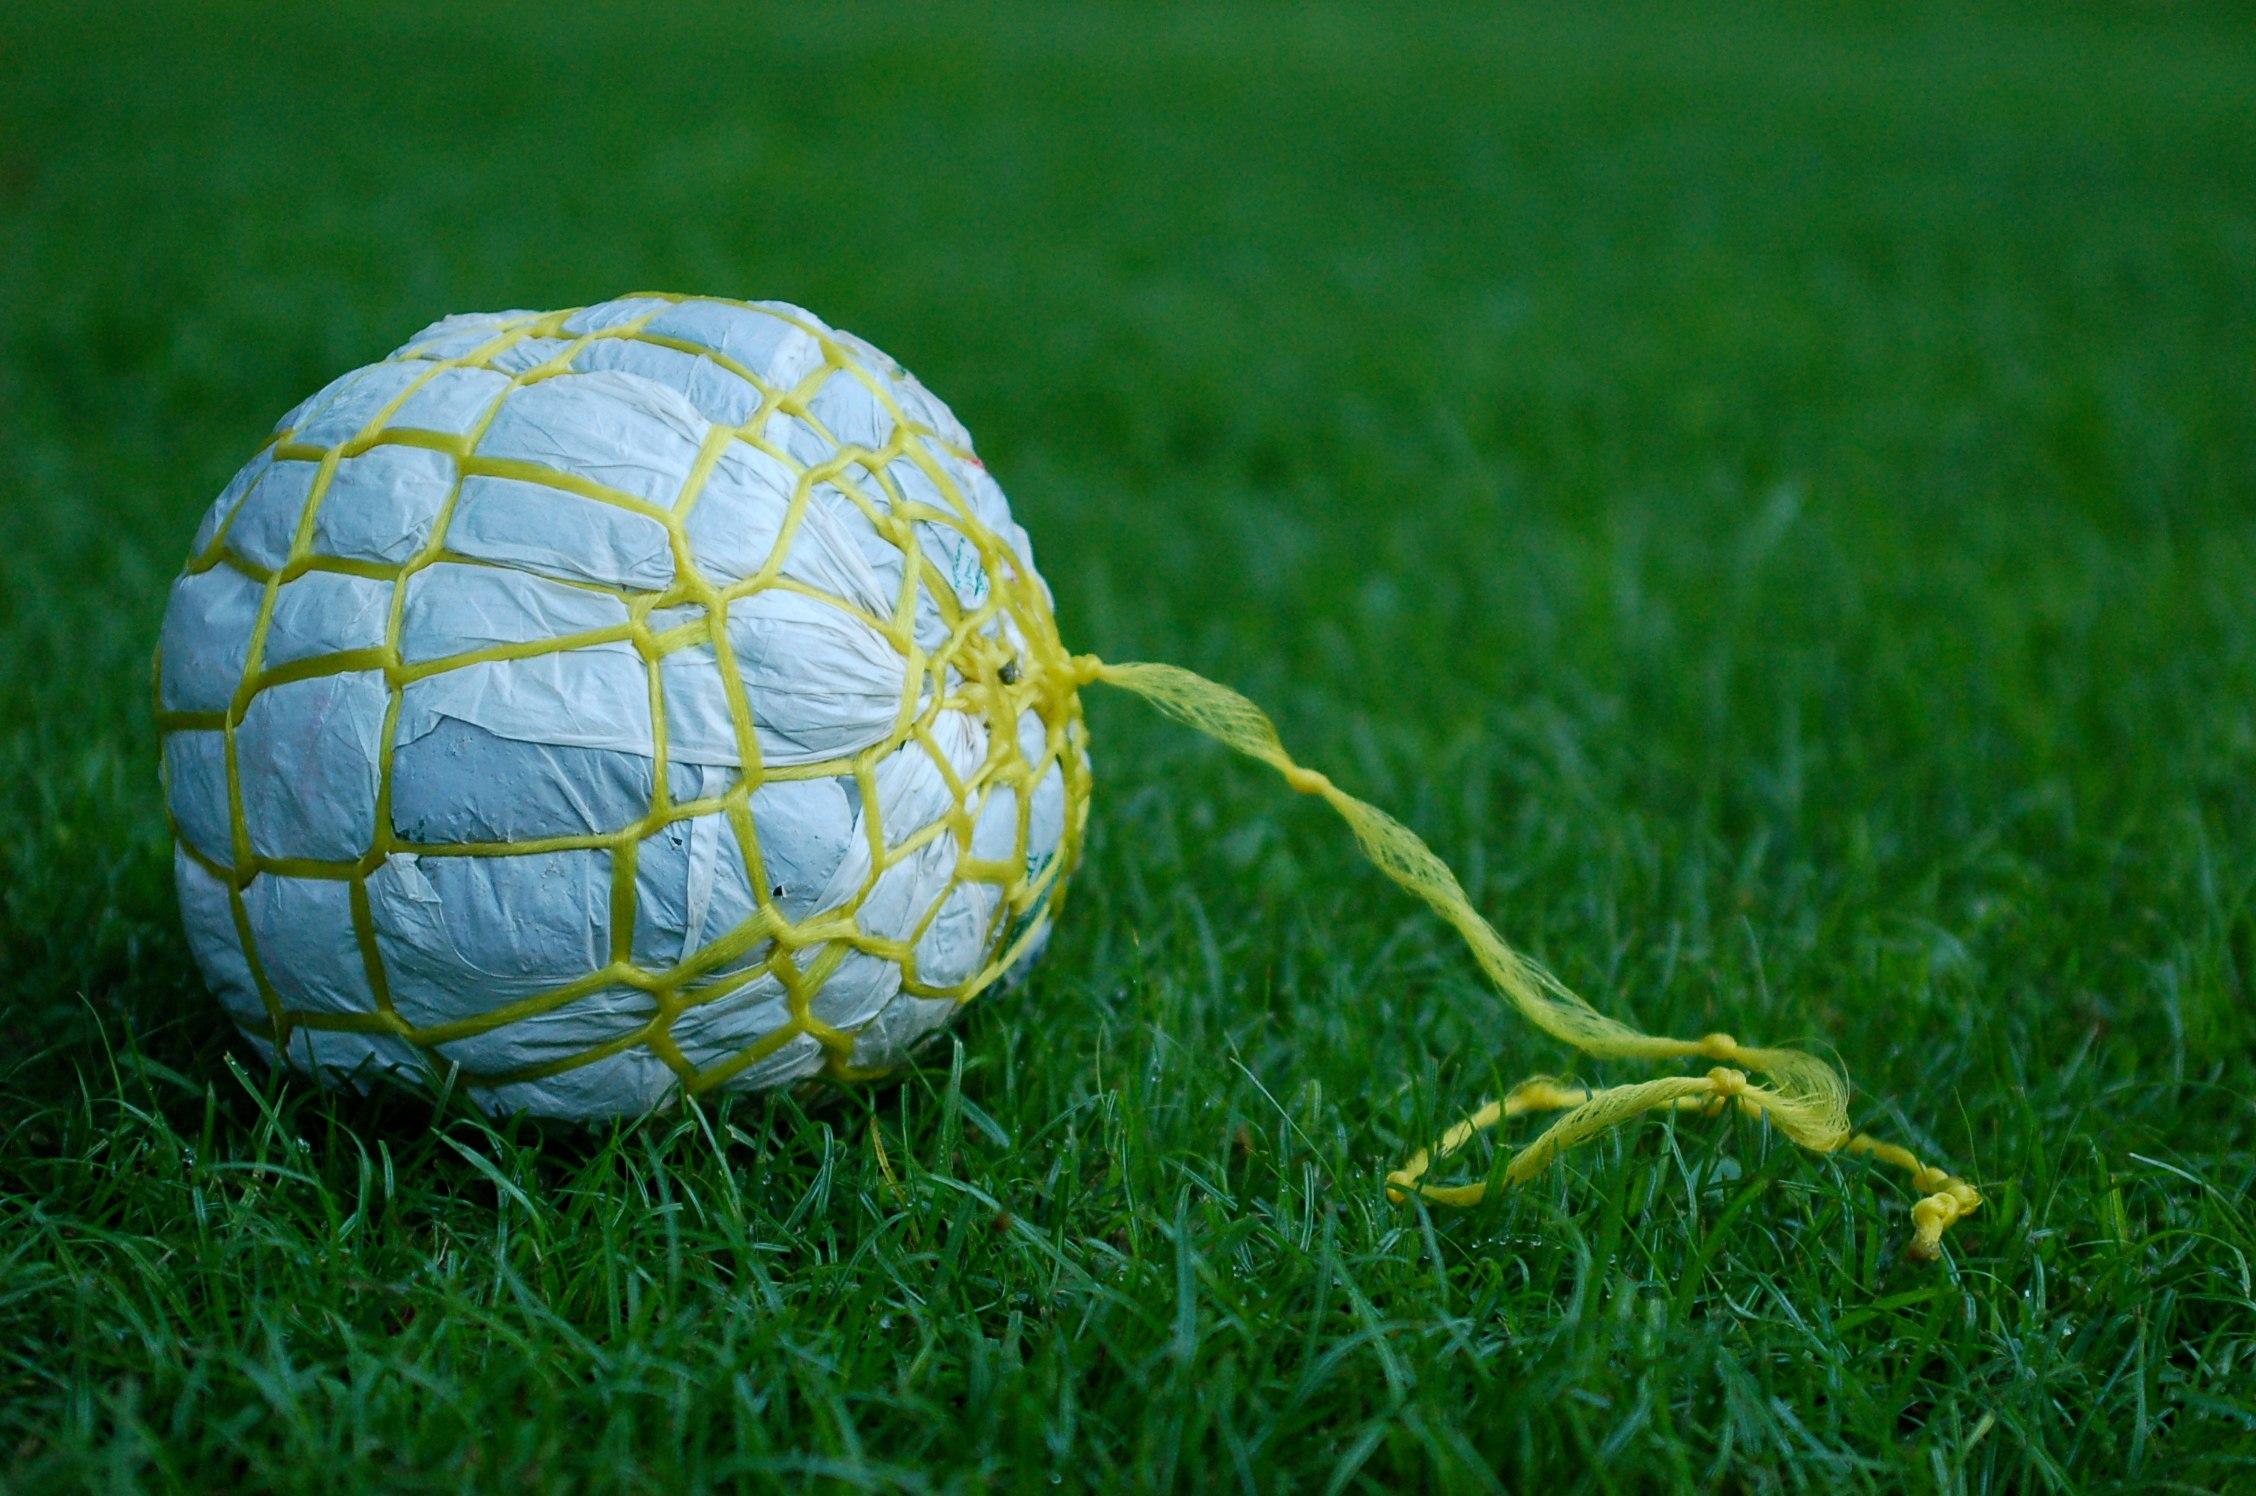 Garbage Ball